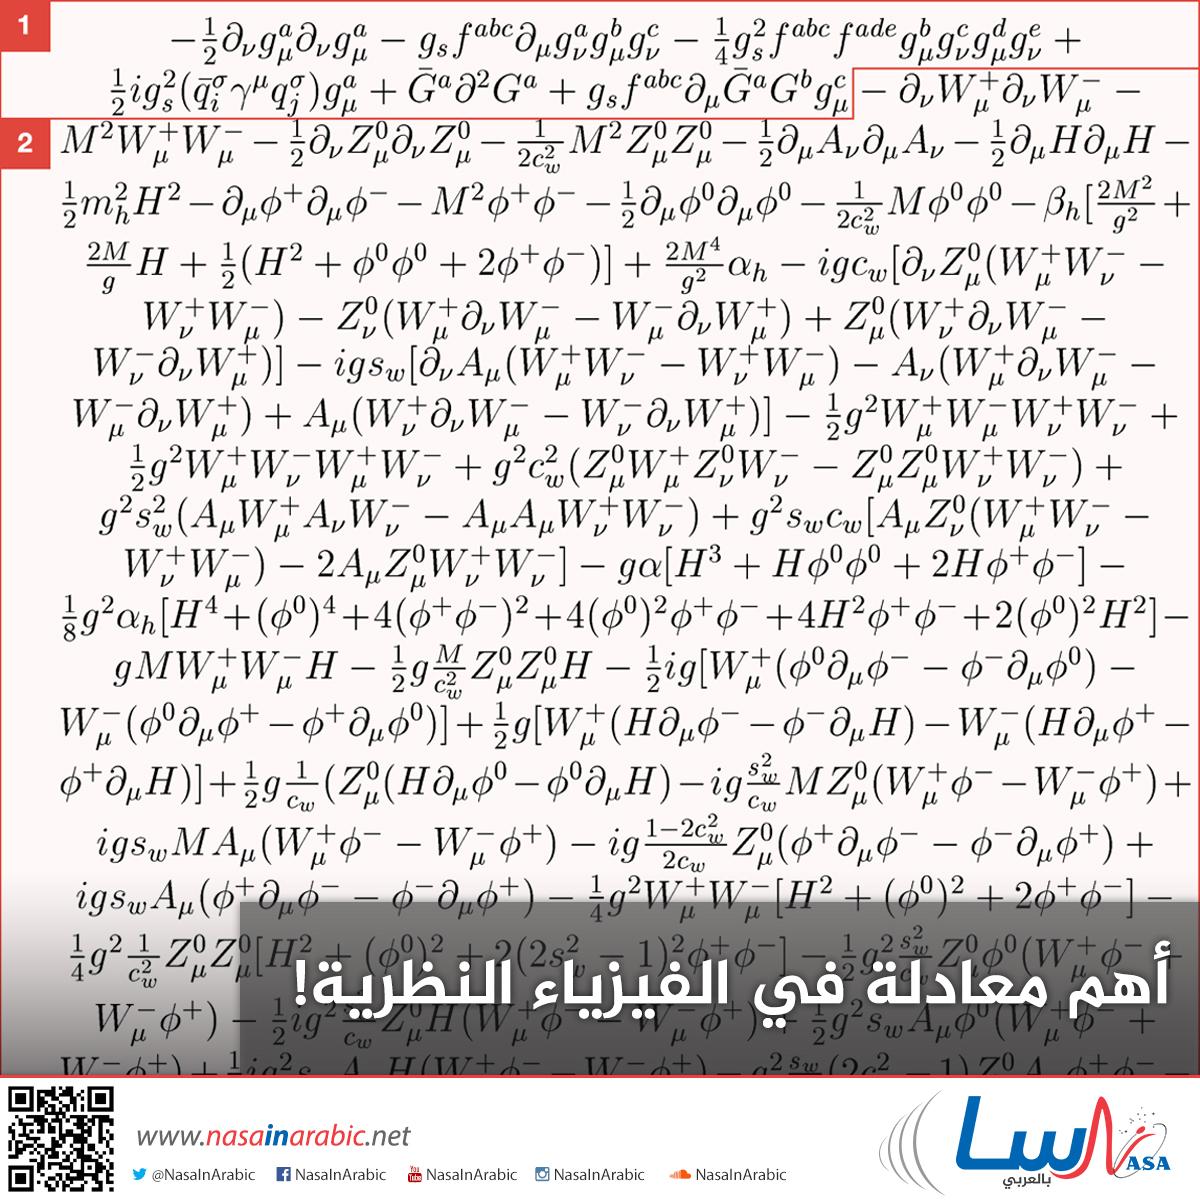 أهم معادلة في الفيزياء النظرية!